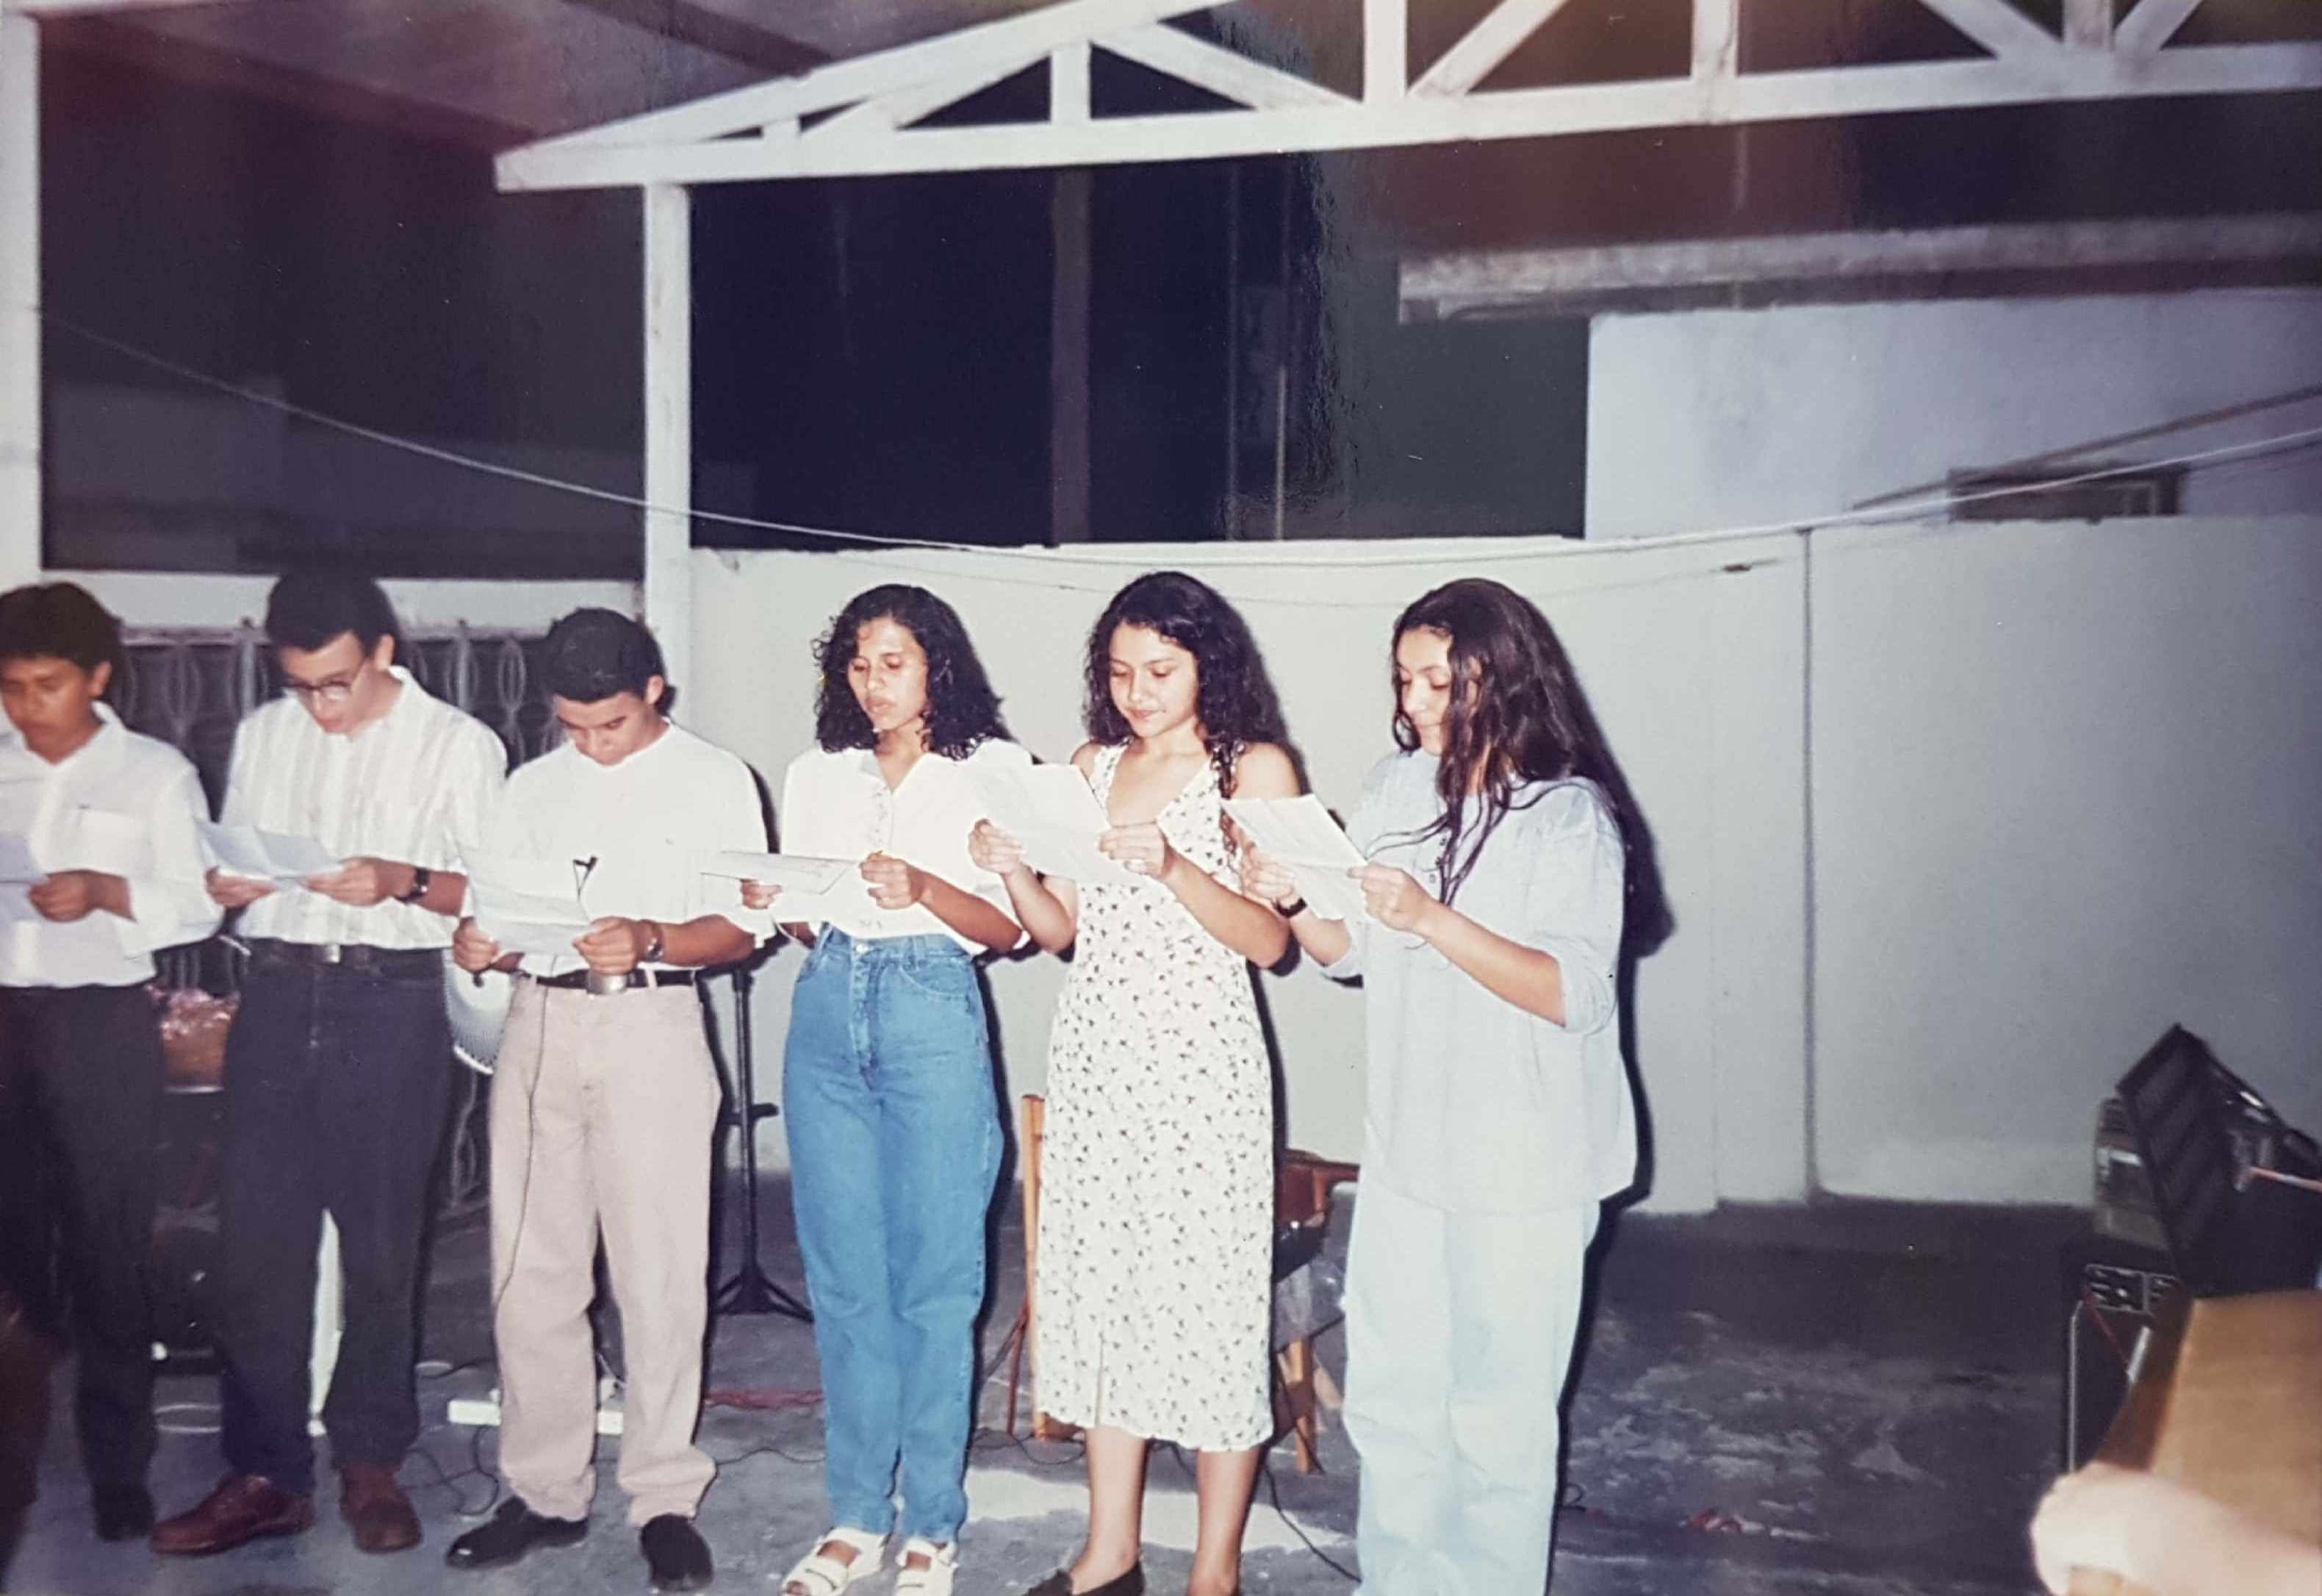 O ano de 1994 se caracterizou por uma colheita abundante, mediante a qual muitos jovens e famílias foram acrescentadas. Reconhecem algum desses jovens? Hoje são pastores e obreiros em vários lugares.